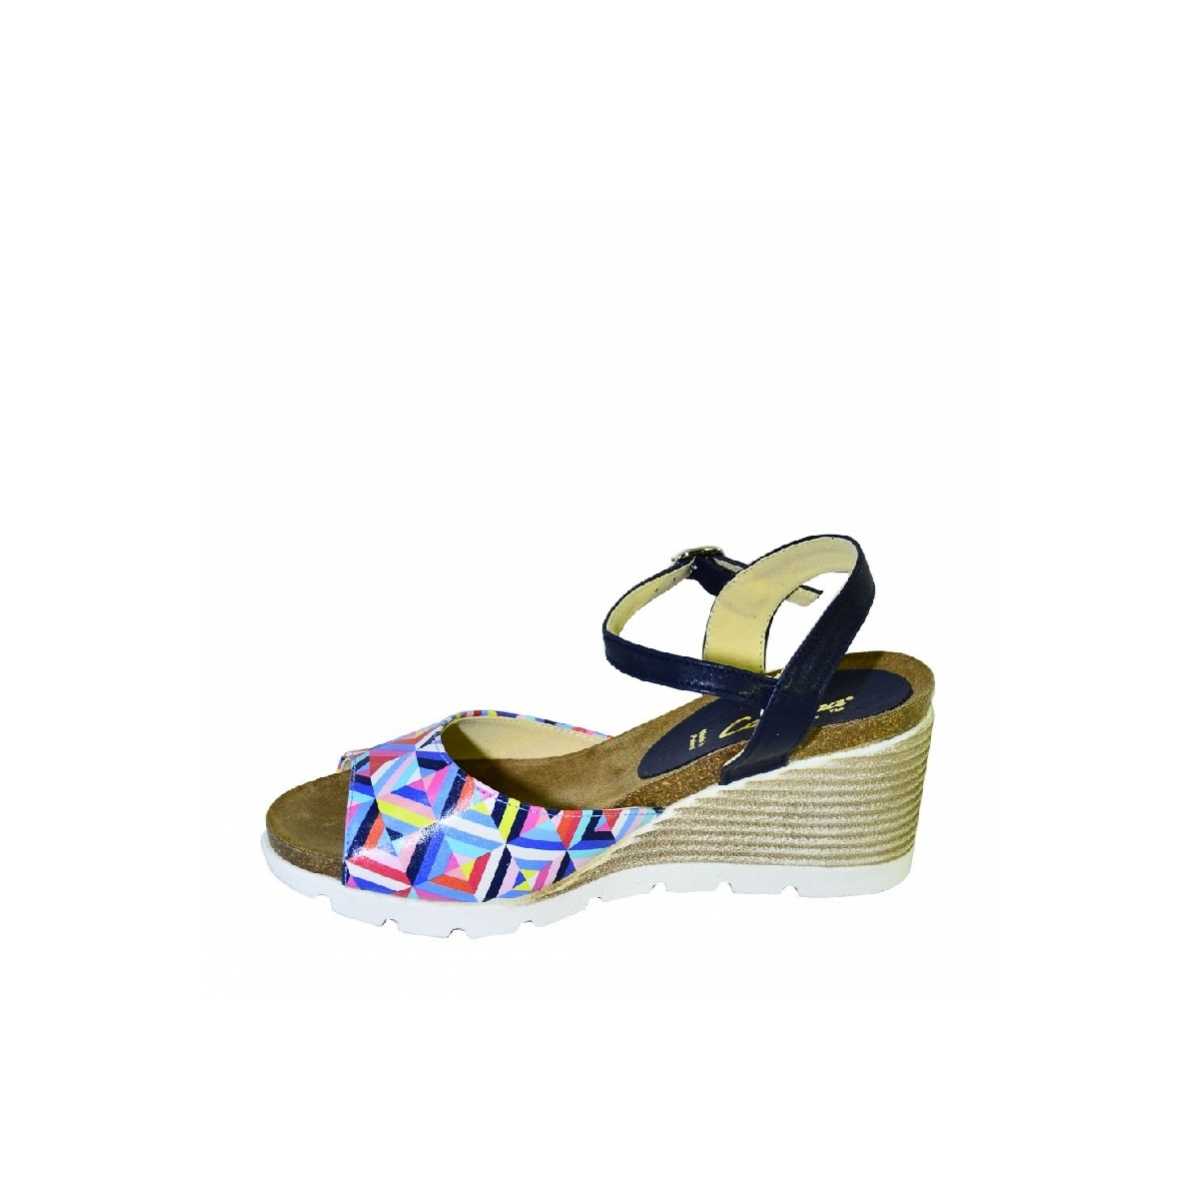 fb4dc8e60aff Farebné kožené sandále na klinovom opätku Carsona TARA - 6